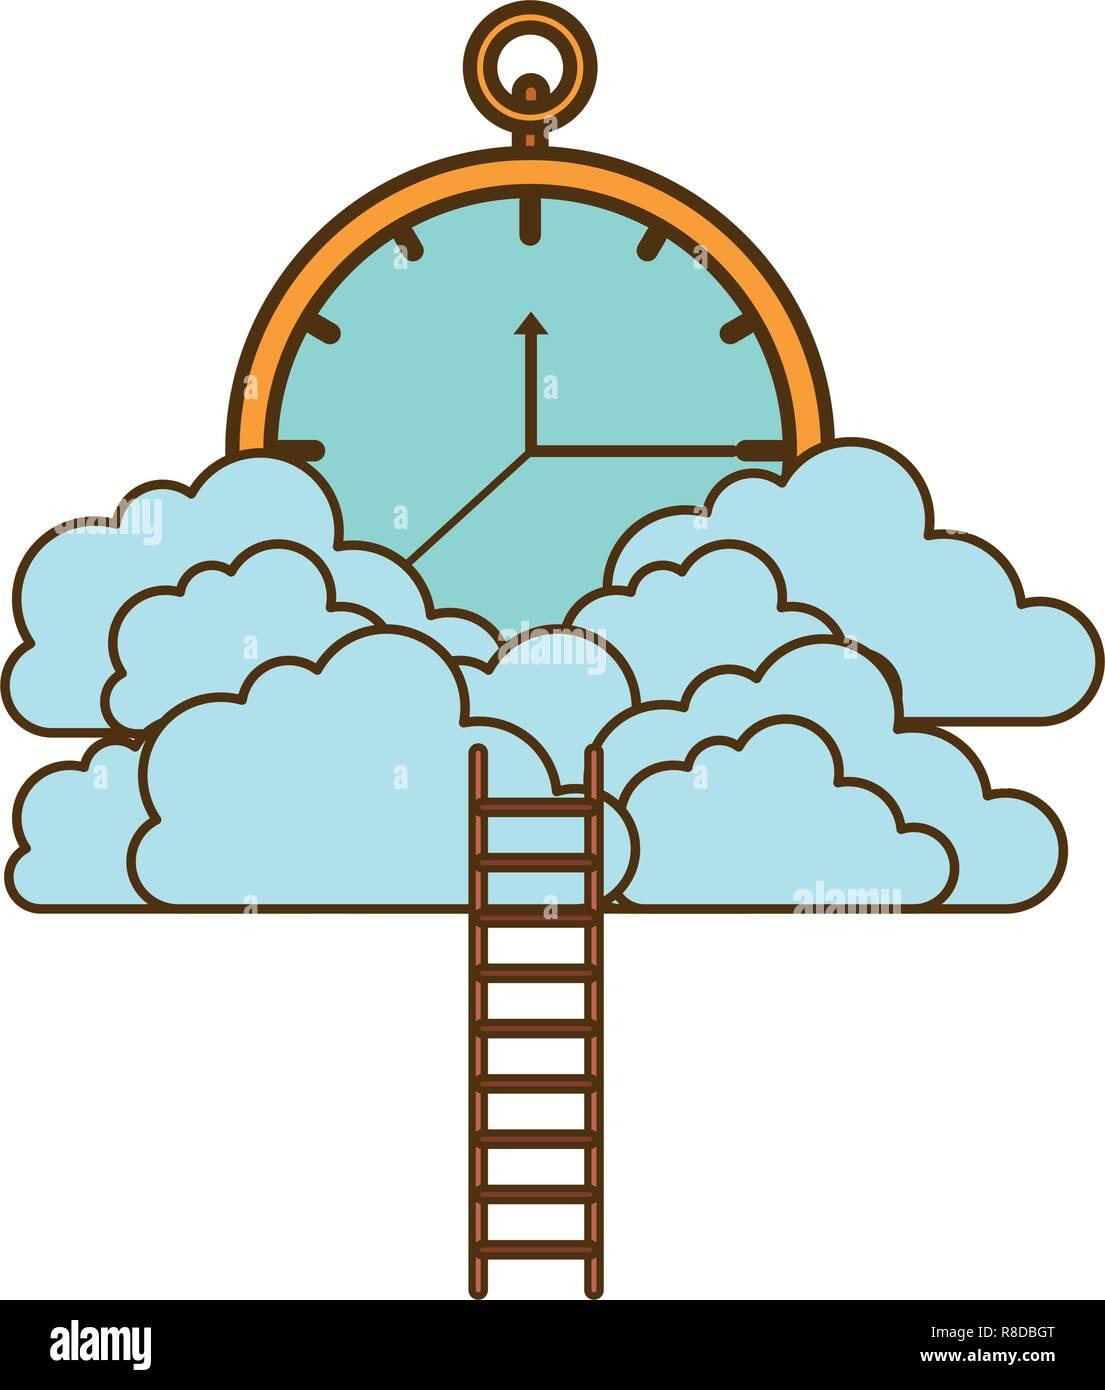 Uhr mit Wolken und Treppen Stock Vektor